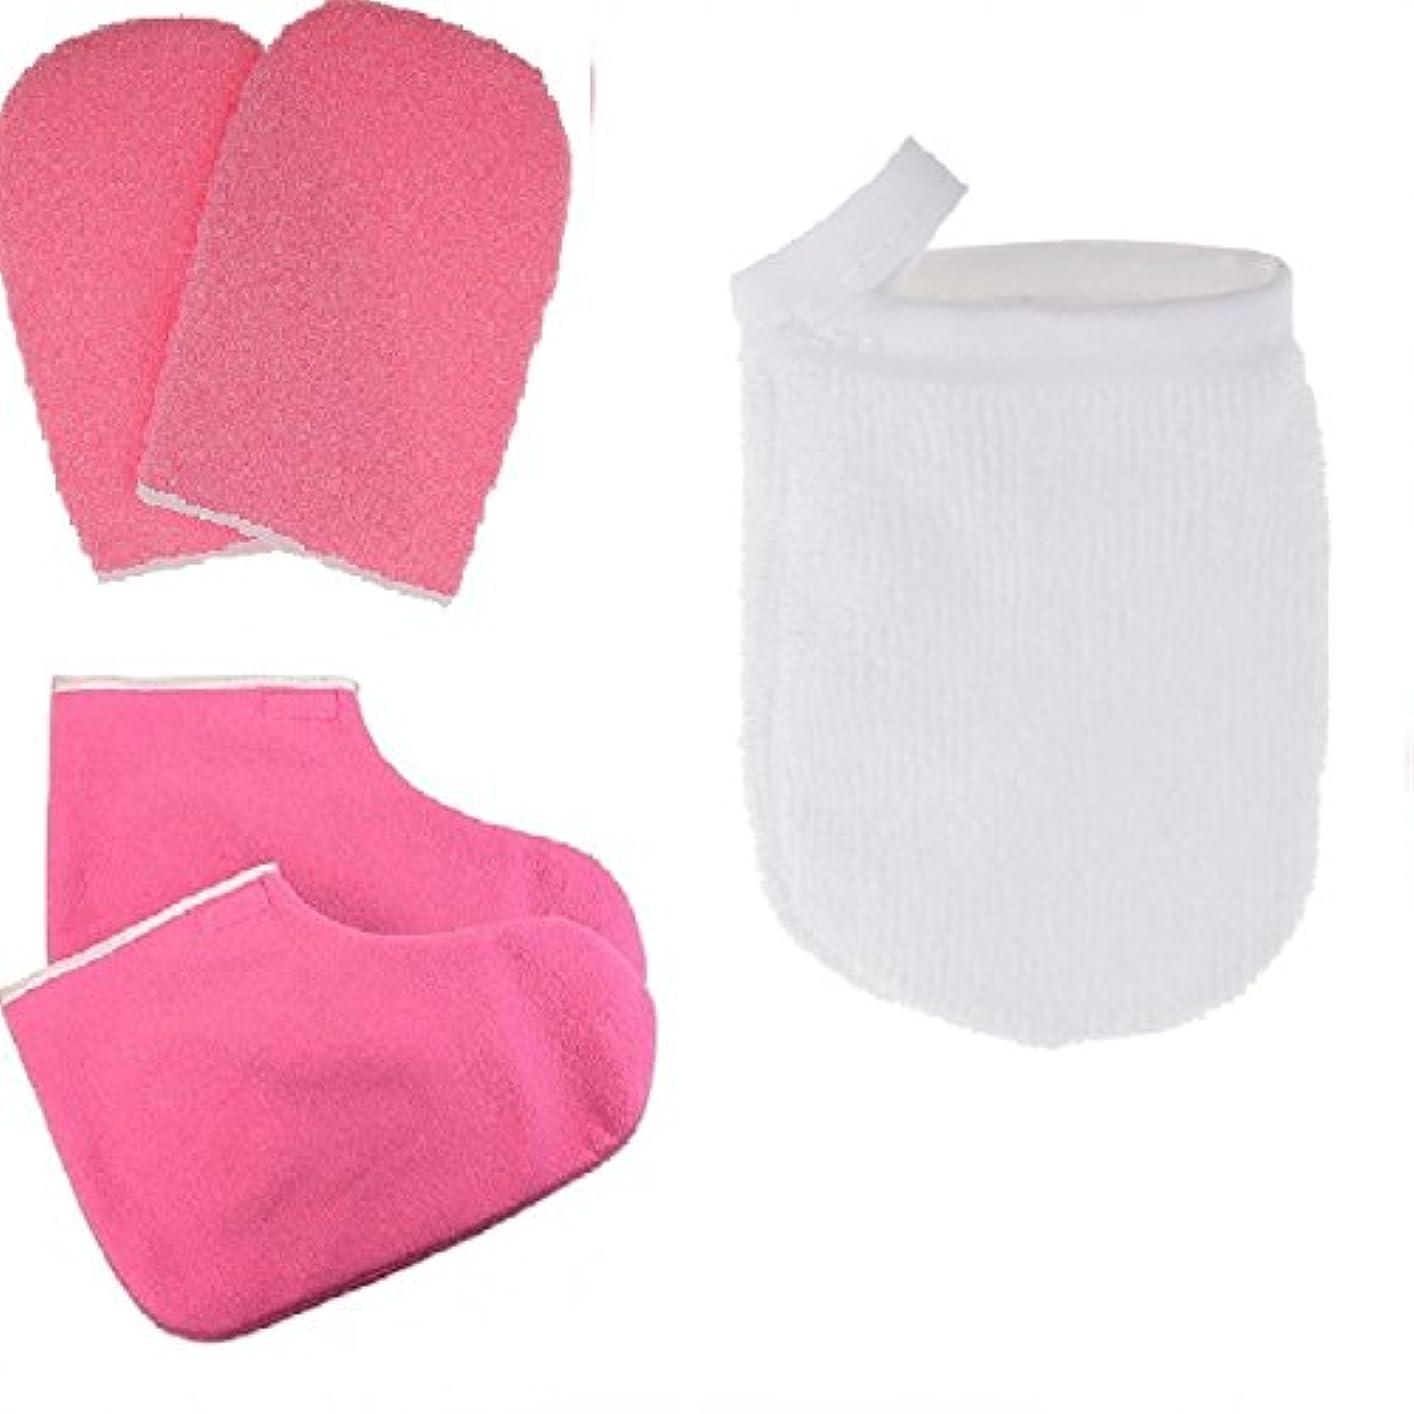 休みグリル一回Fenteer パラフィンワックス手袋 グローブ 保護手袋 クレンジンググローブ メイクリムーバー パッド